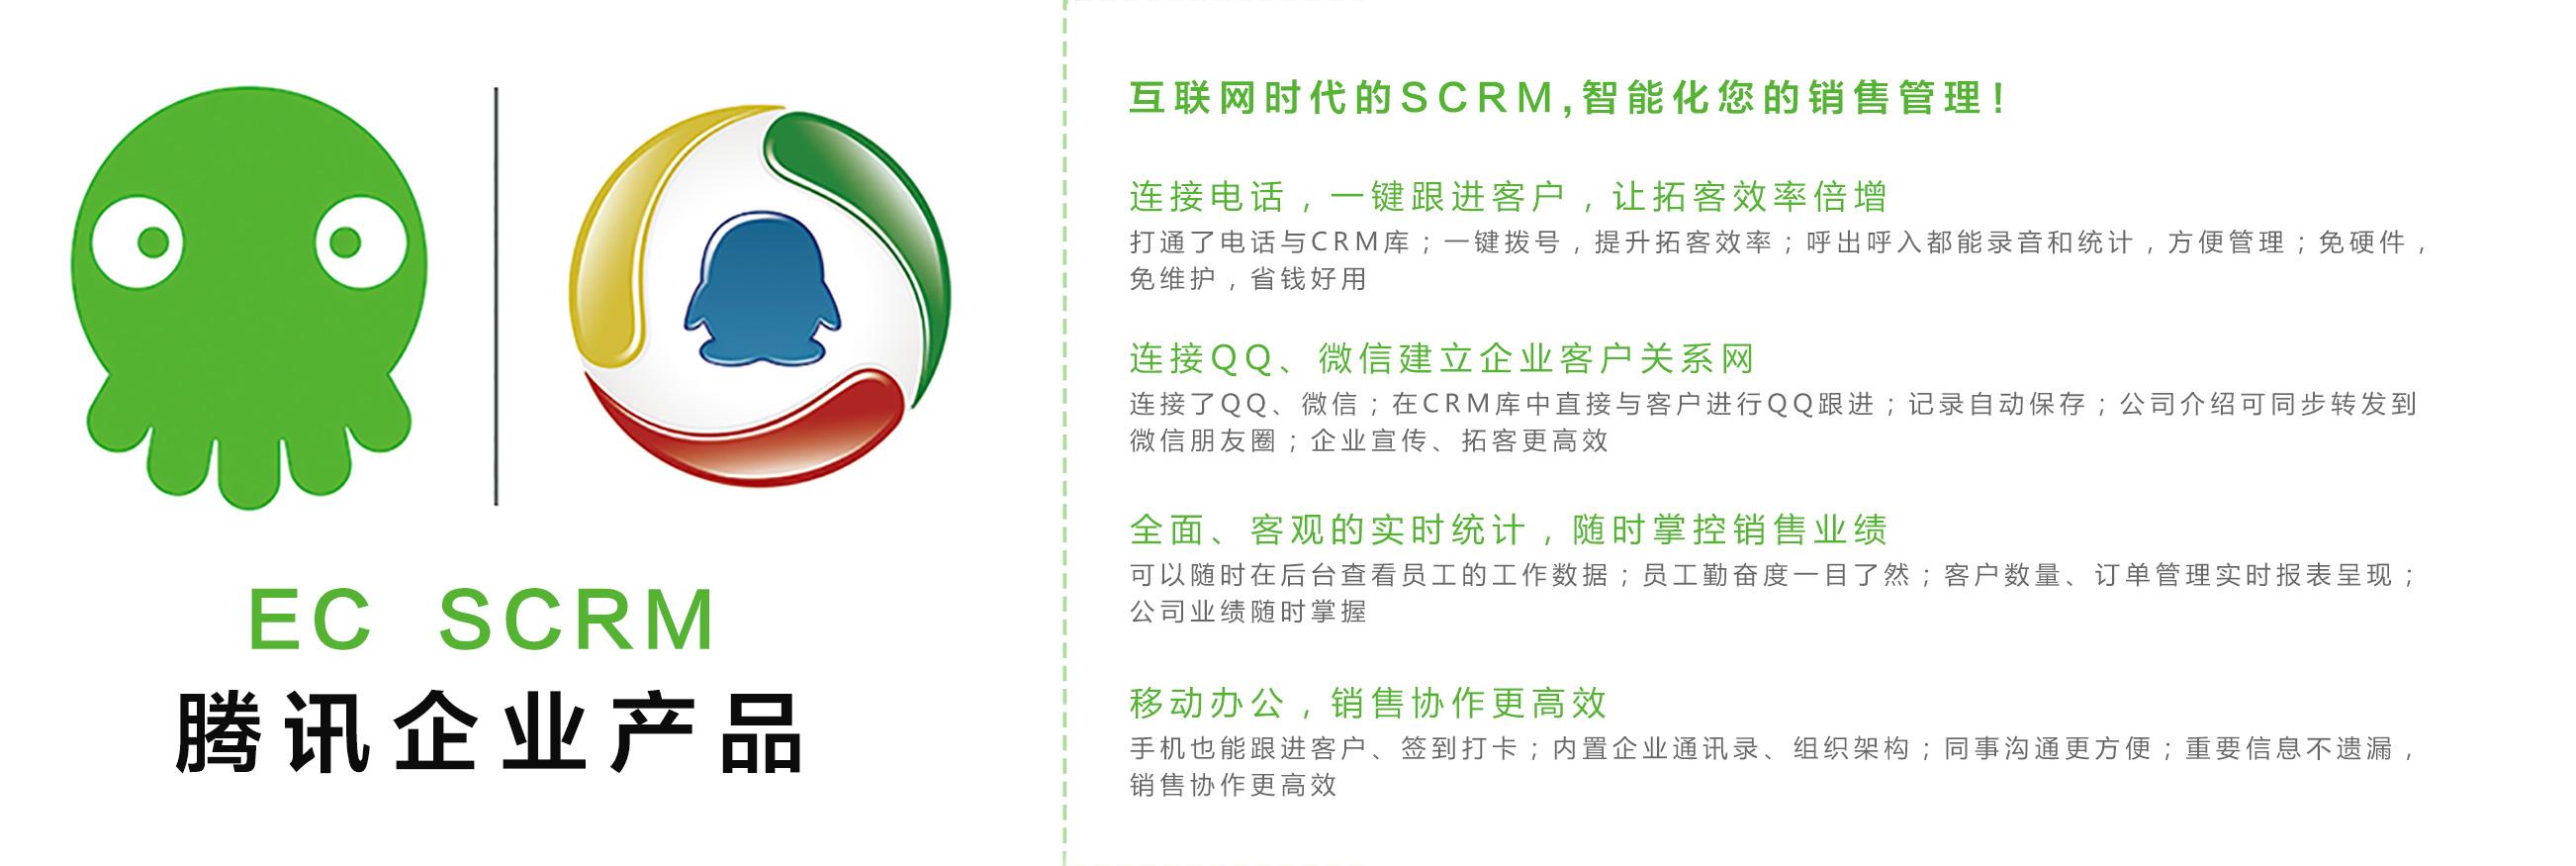 提升業績·客戶關系管理·騰訊EC